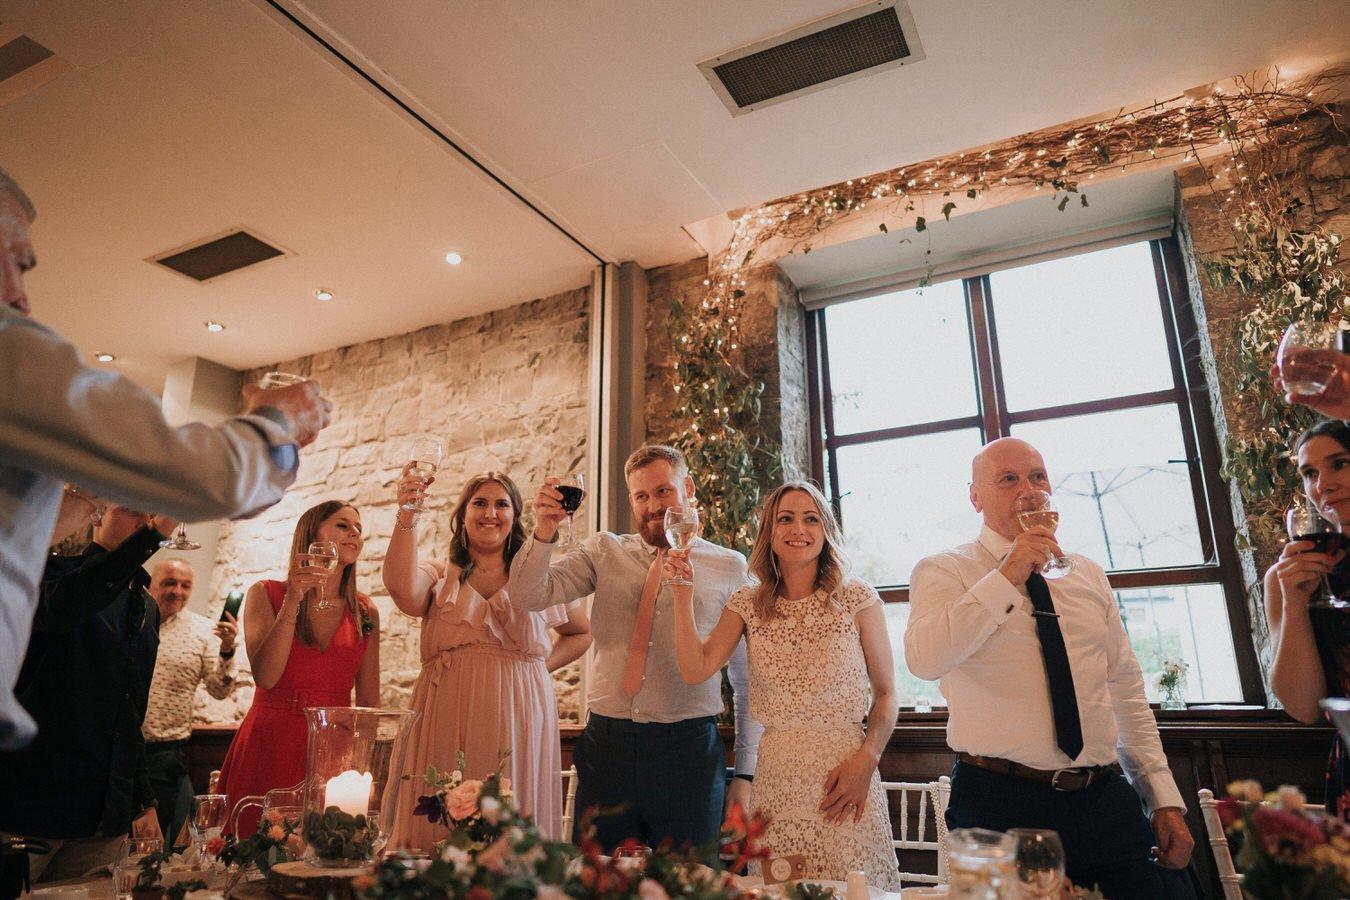 The-Station-House-wedding-Dublin-photographer- 0160 157